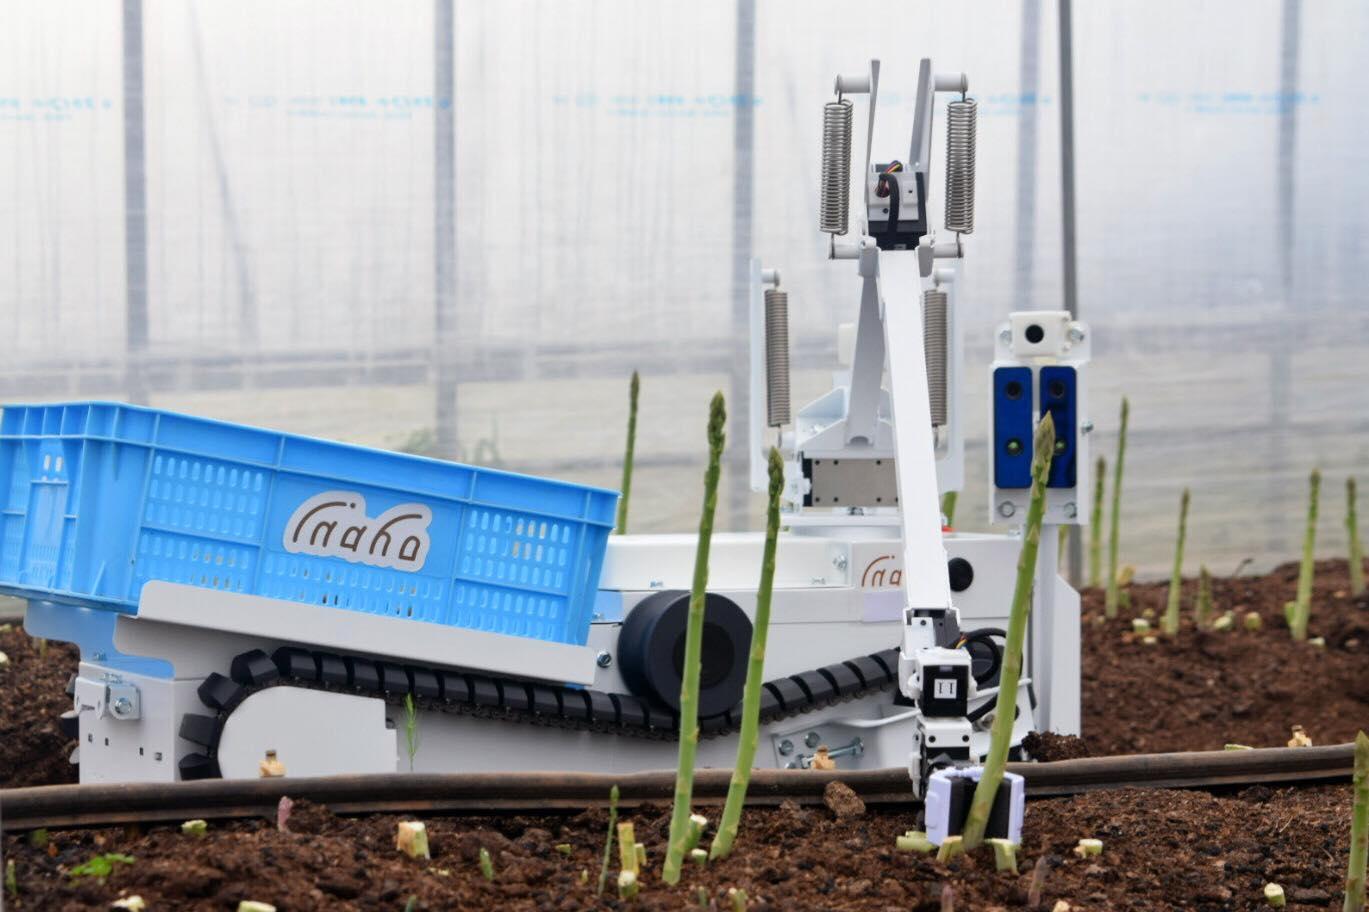 inaho自動野菜収穫ロボットがアスパラガスを取っている様子